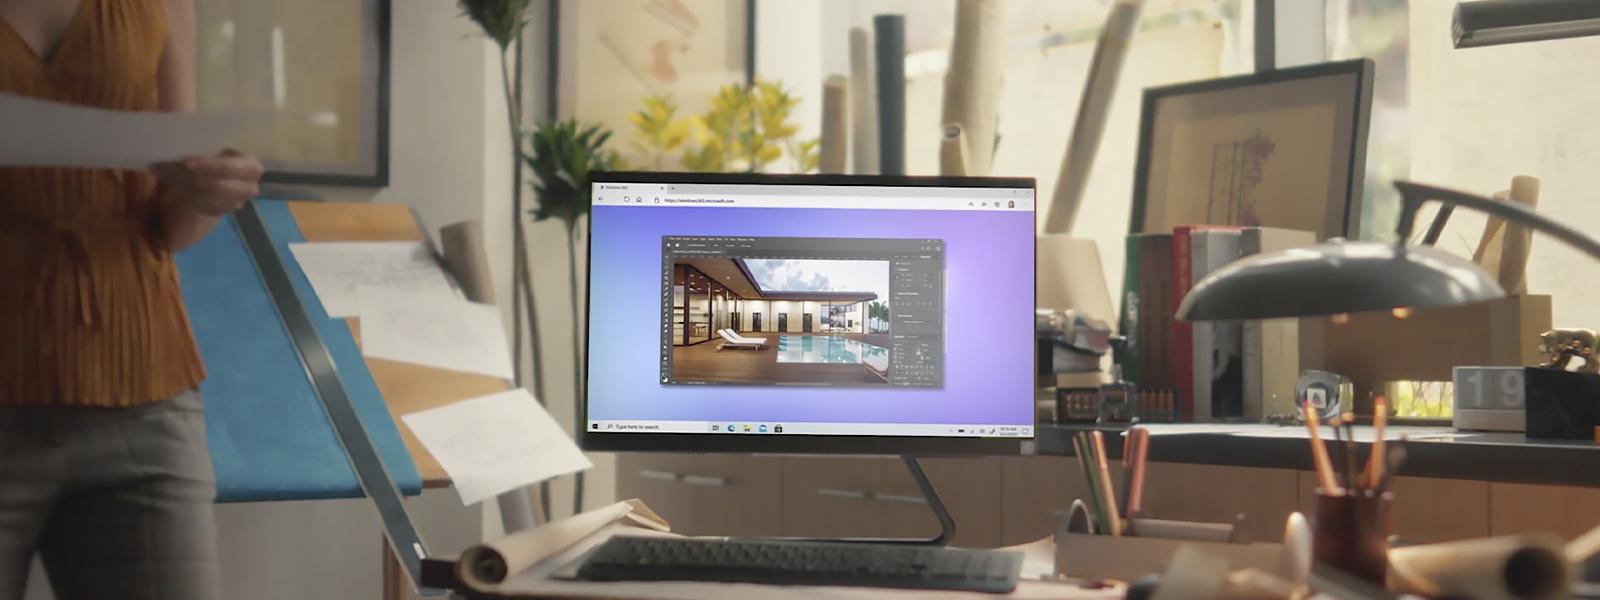 Um PC mostrando o Windows 365 em execução.